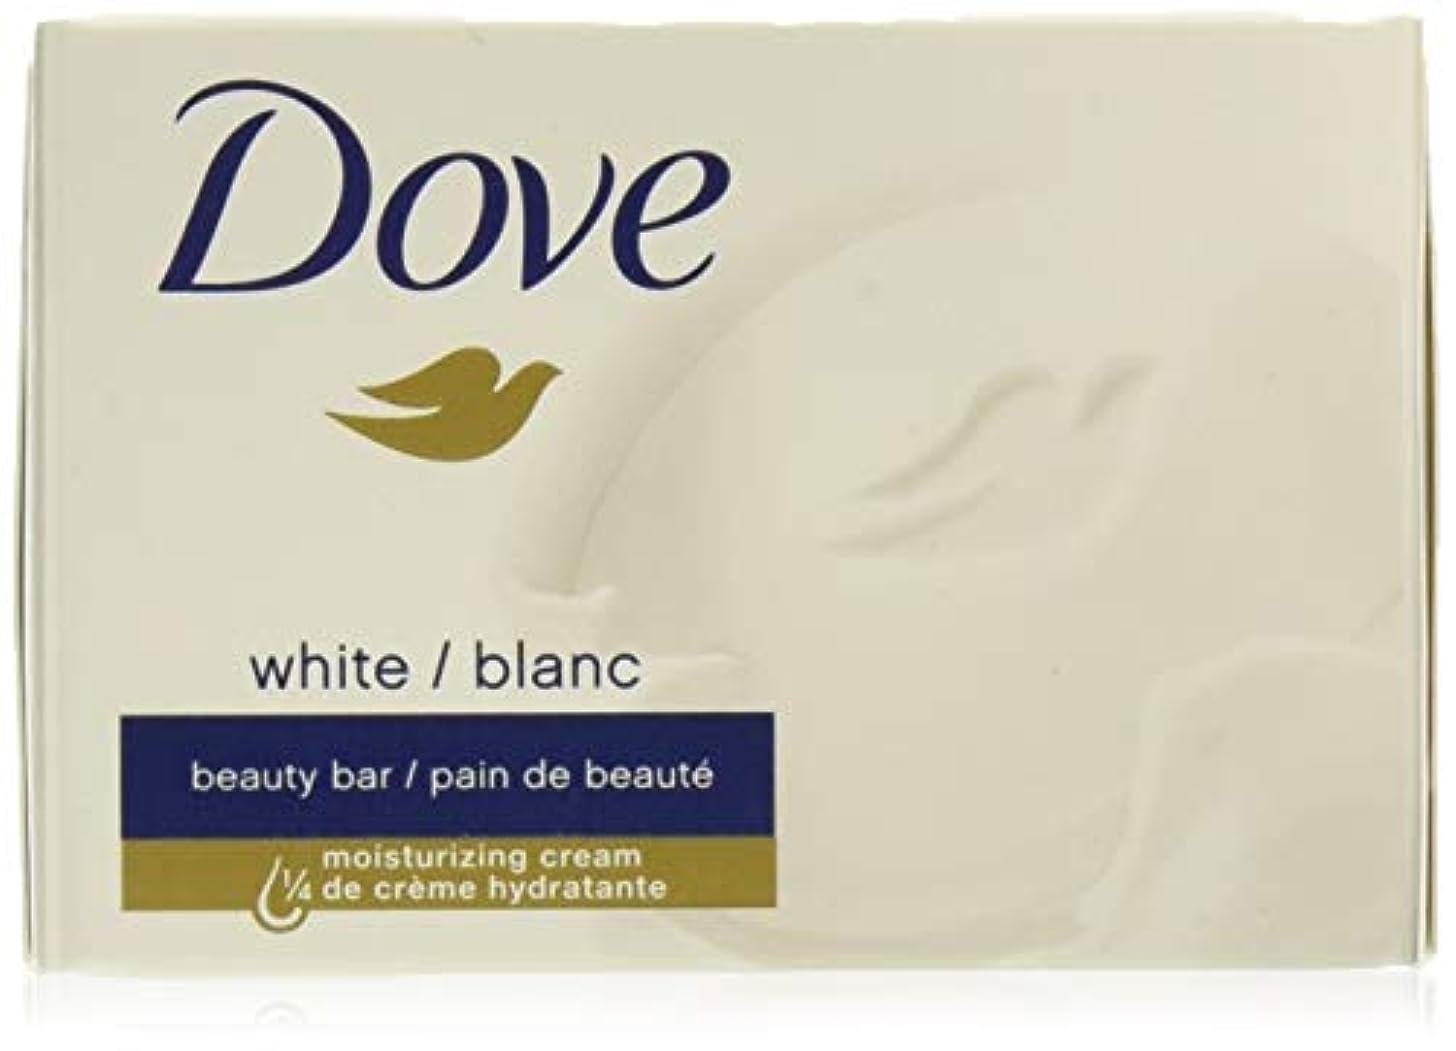 内なるレイア虚栄心【Dove】ダヴ 石鹸(ホワイト)アメリカ製 120g ×2個パック